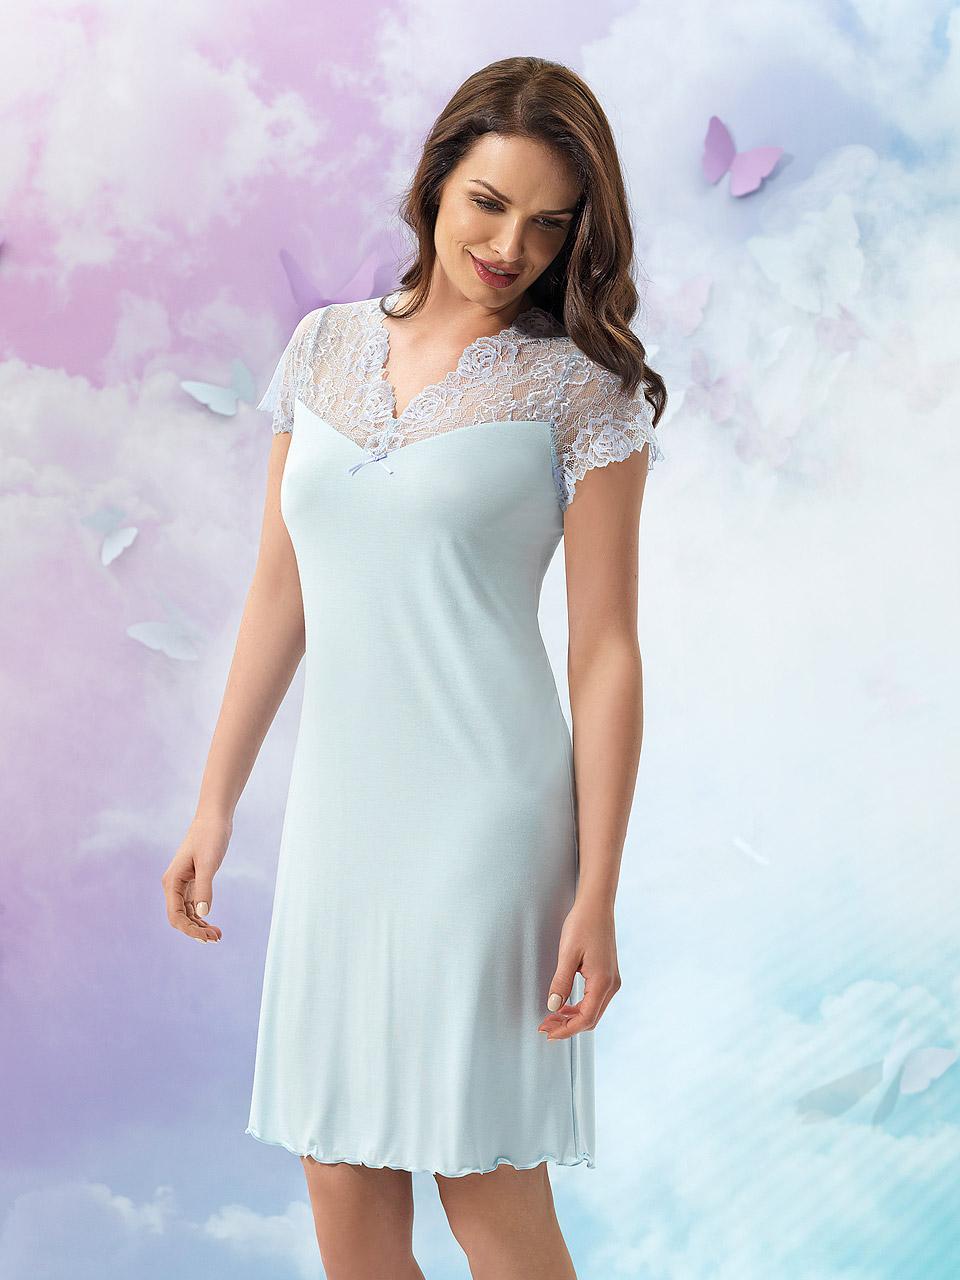 Natalie 2928 Camicia da notte<br />20 Light Blue, 38 Lavender, 55 Pearl